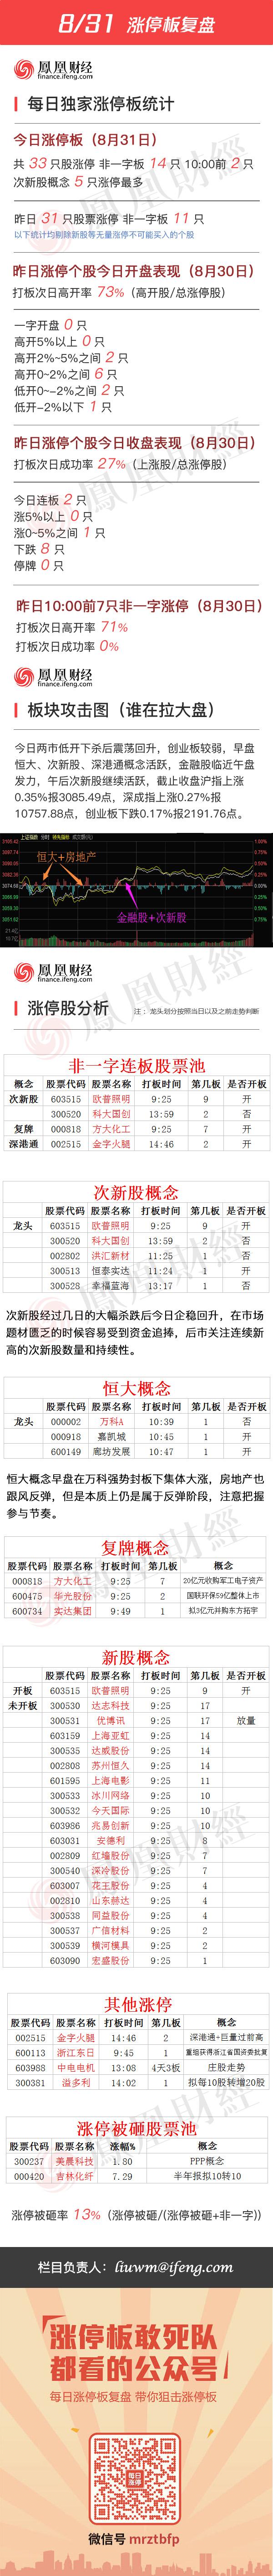 2016年8月31日涨停板复盘 - 小美 - xing1969wuw的博客